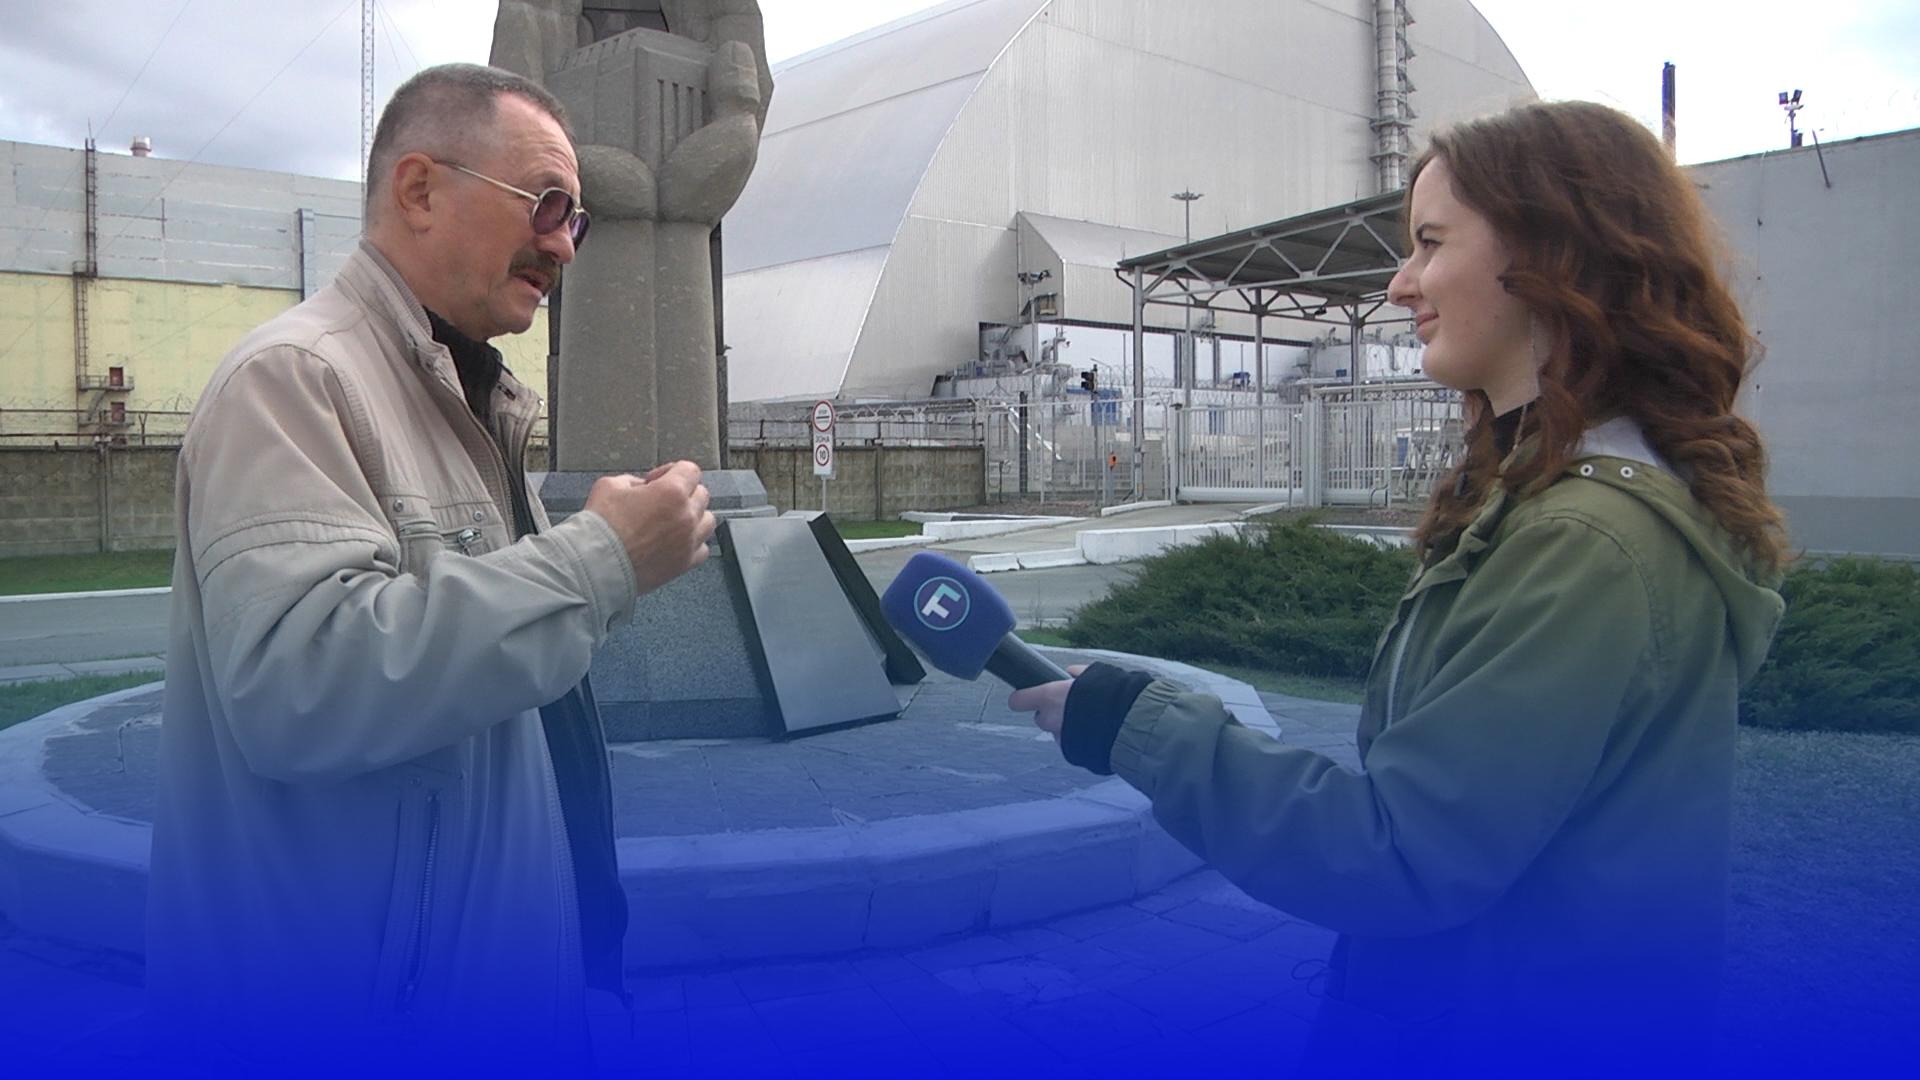 Виконували найбруднішу роботу: спогади ліквідатора з Тернопільщини, який працював на Чорнобильській АЕС після вибуху